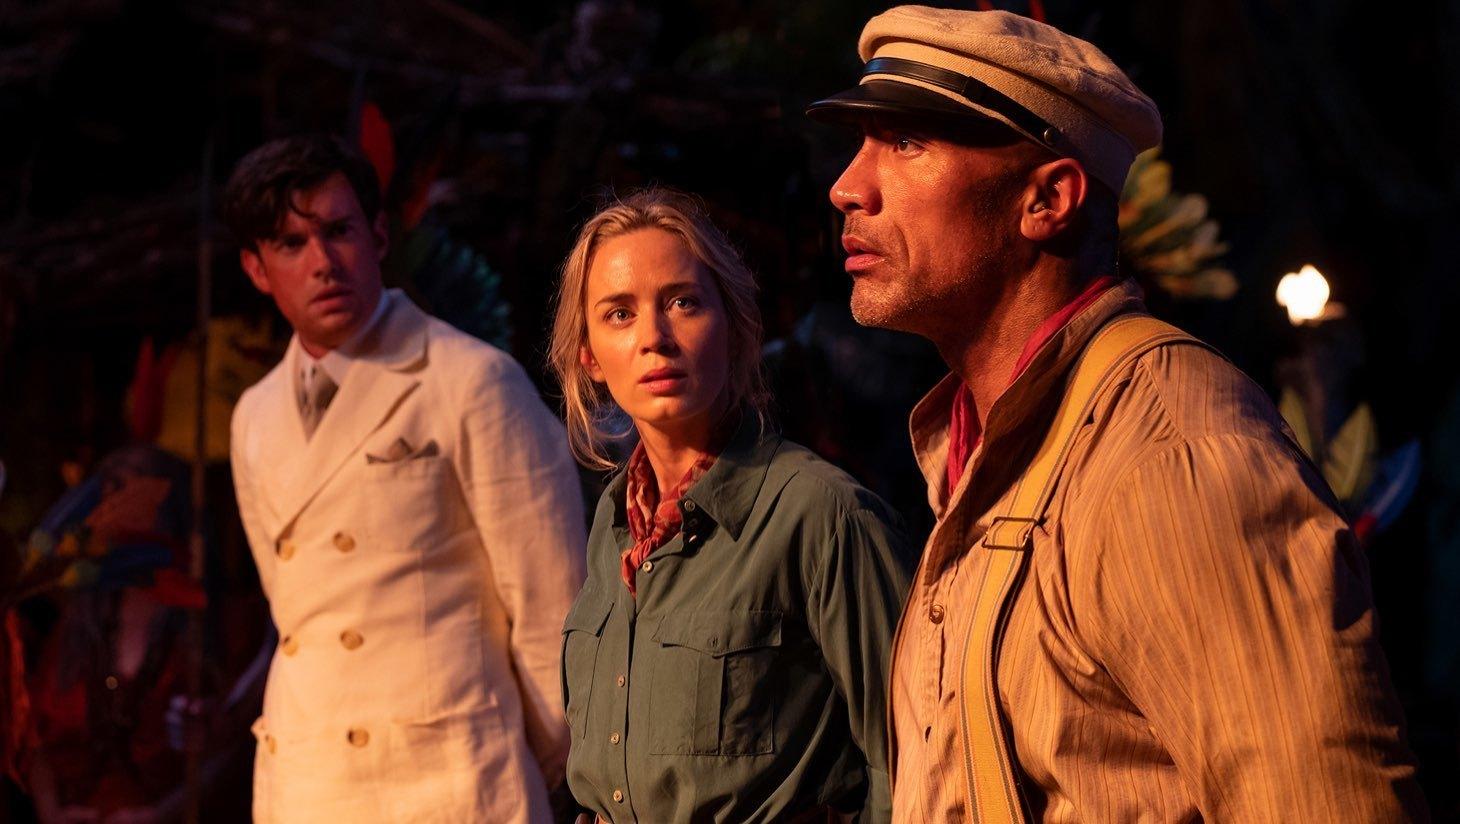 Περιπέτεια Στη Ζούγκλα - Trailer 2